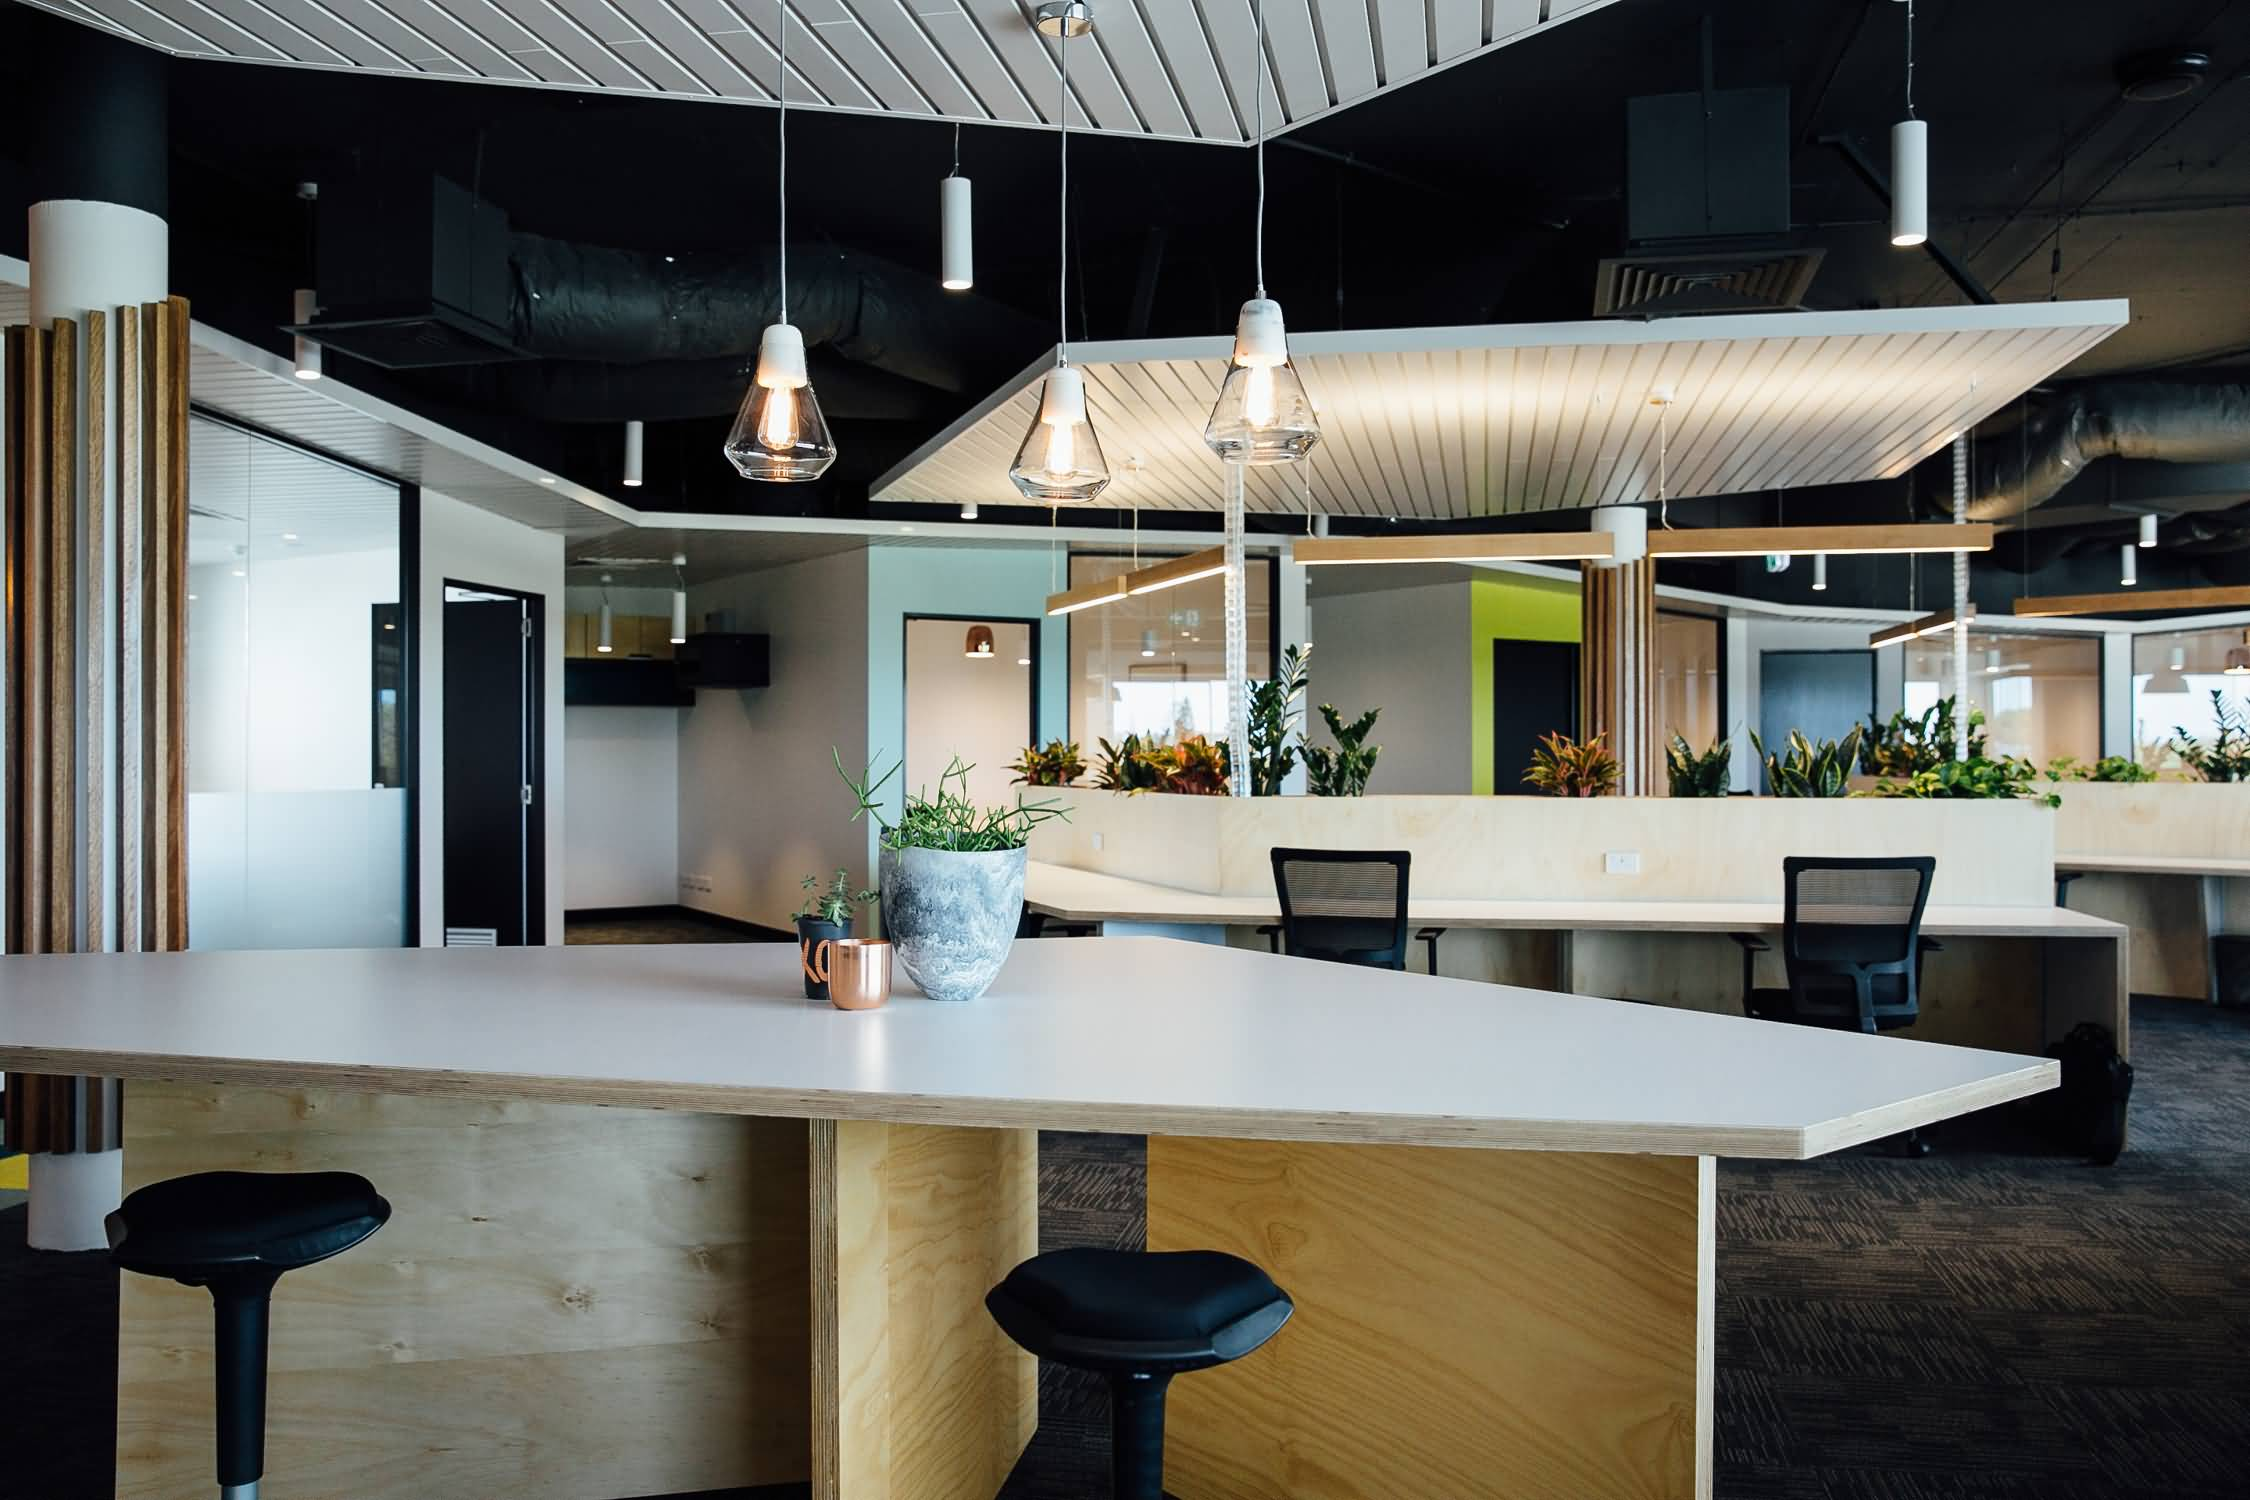 Guymer-bailey-architects-inbox-workspace-interiors-01.jpg